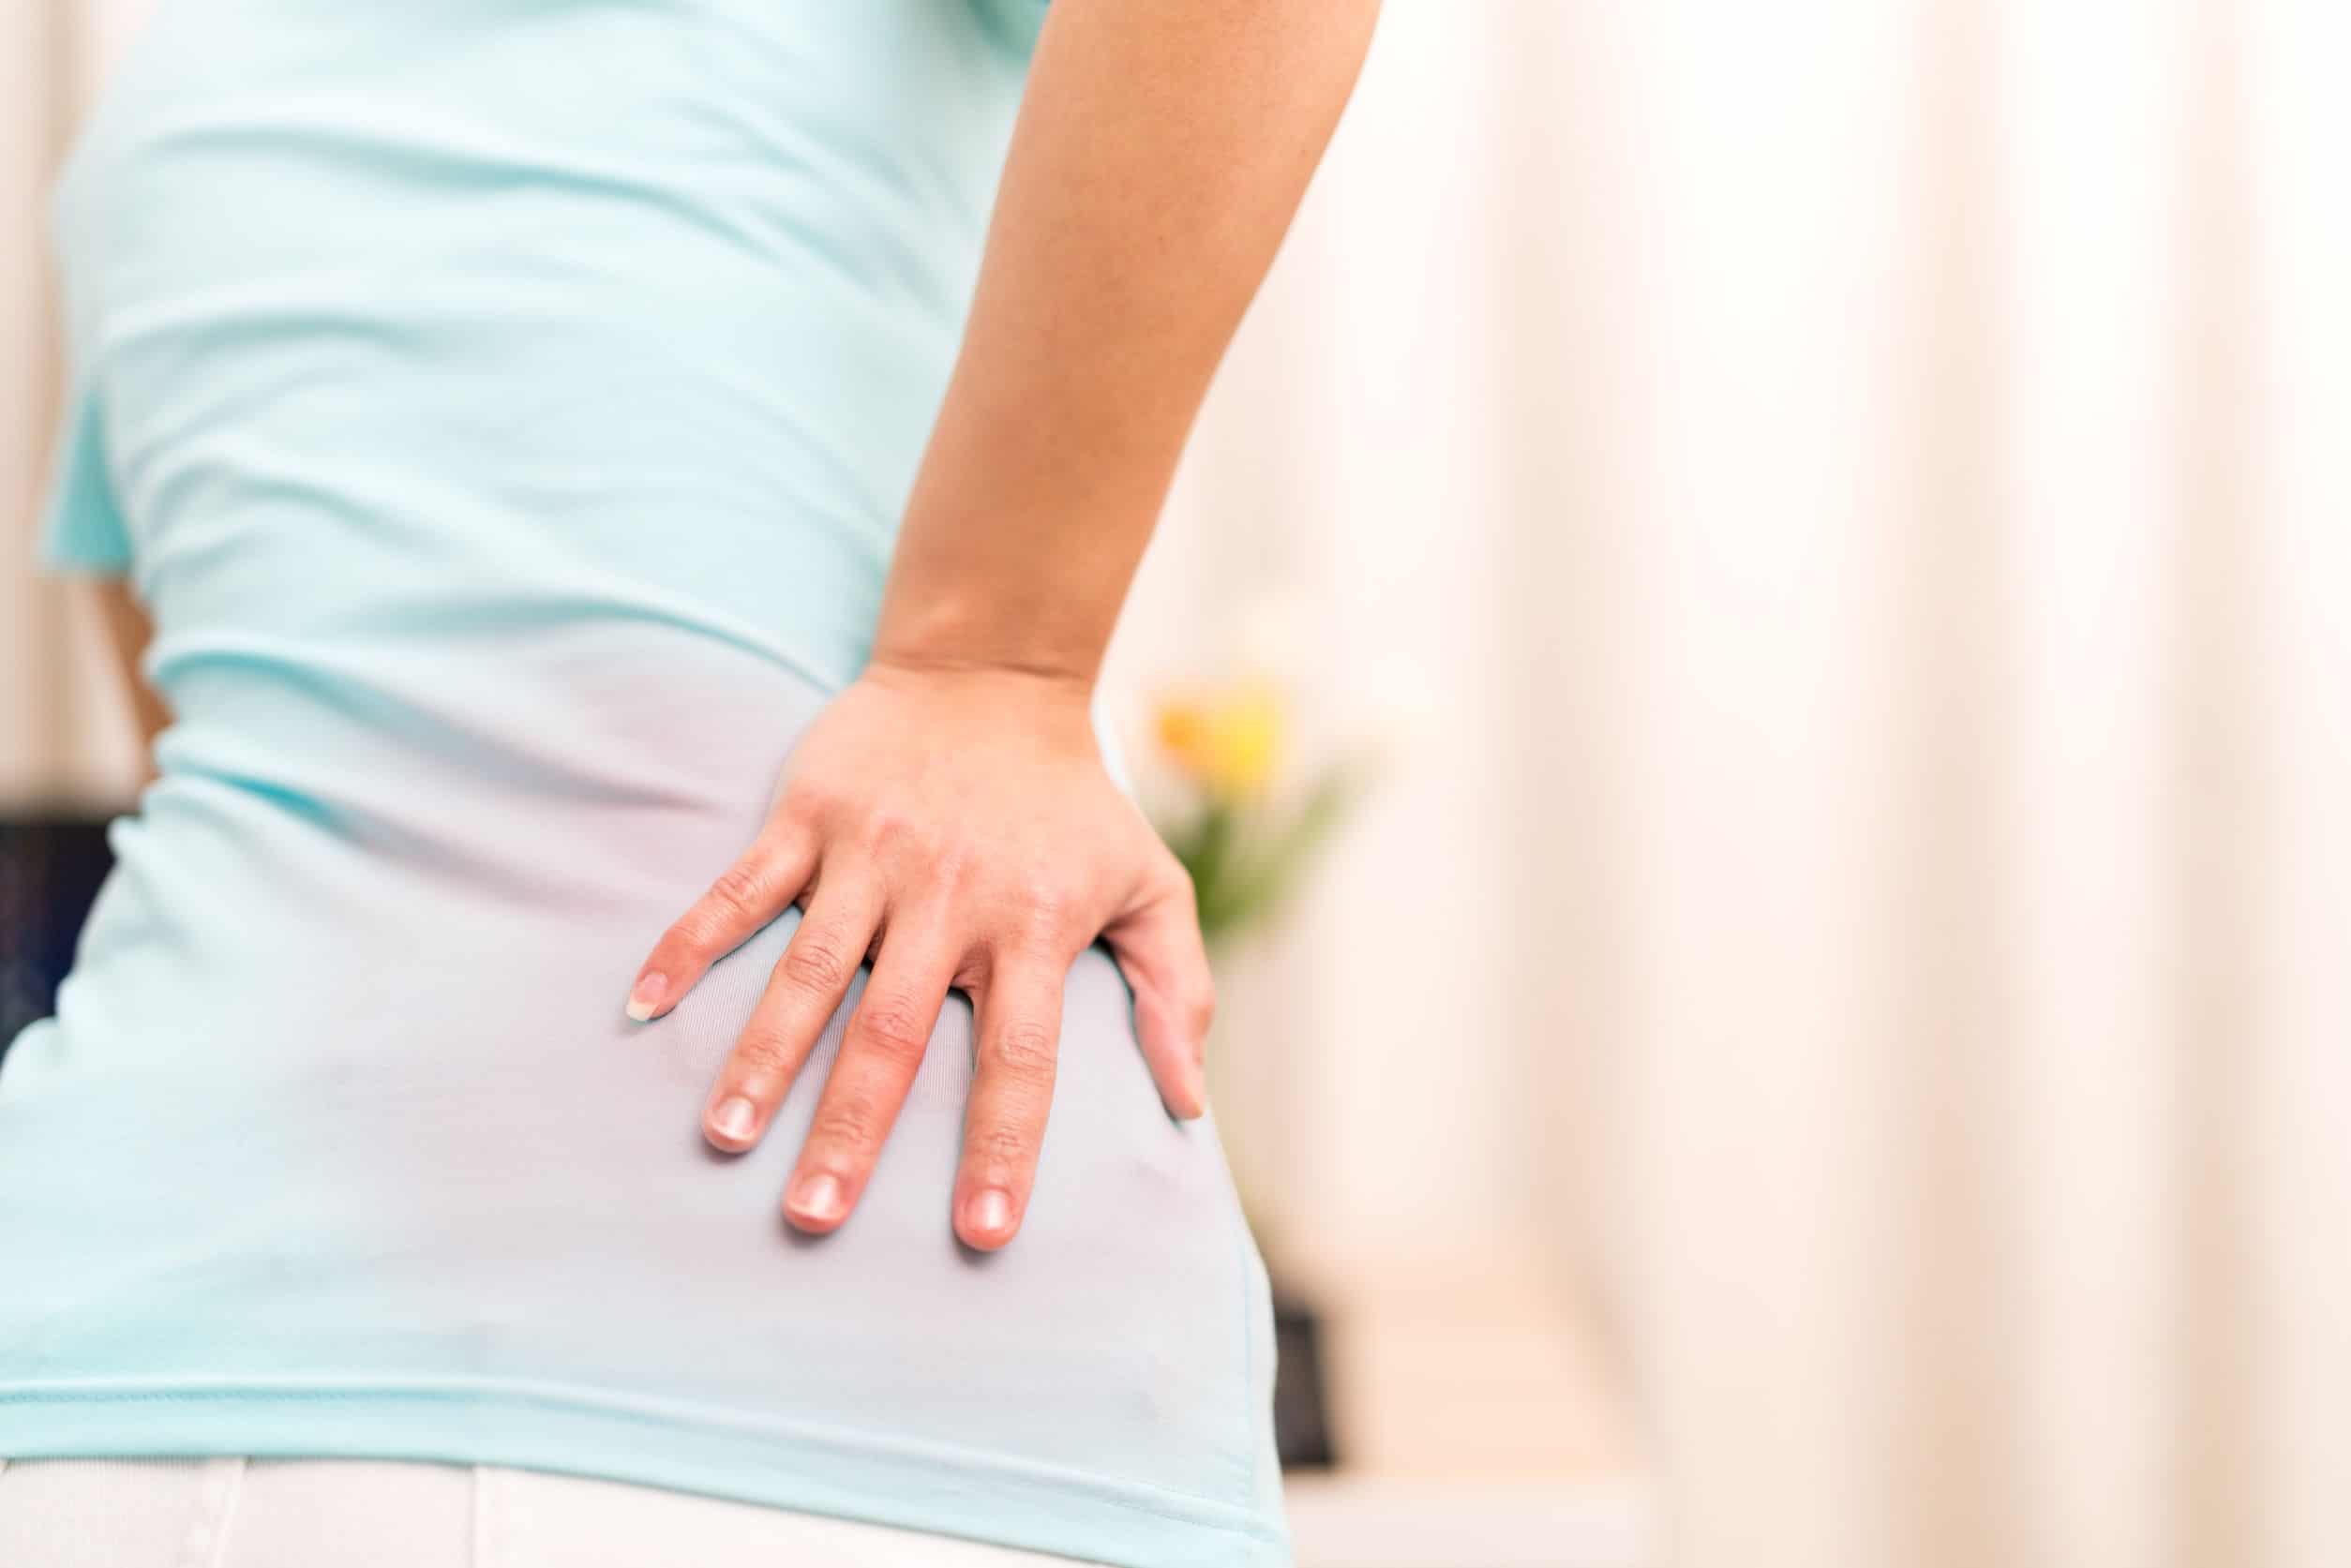 4類人士在接受人工髖關節置換手術後,特別容易脫骹,包括腰椎曾進行手術、長者、腦癱病人和肥胖人士也要特別注意。